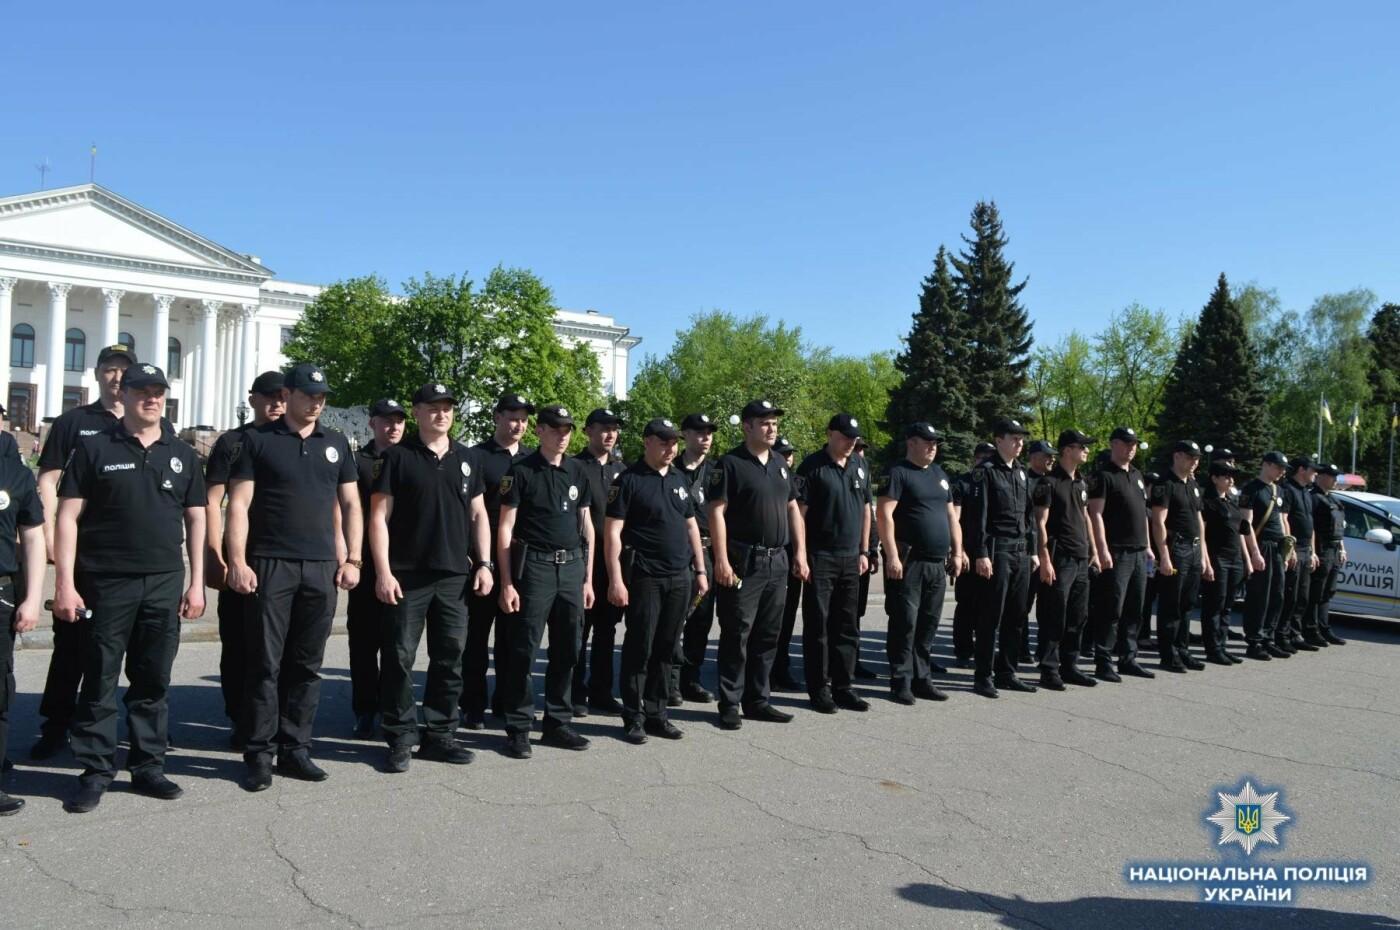 Полиция Краматорской оперативной зоны перешла на усиленный режим службы, фото-1